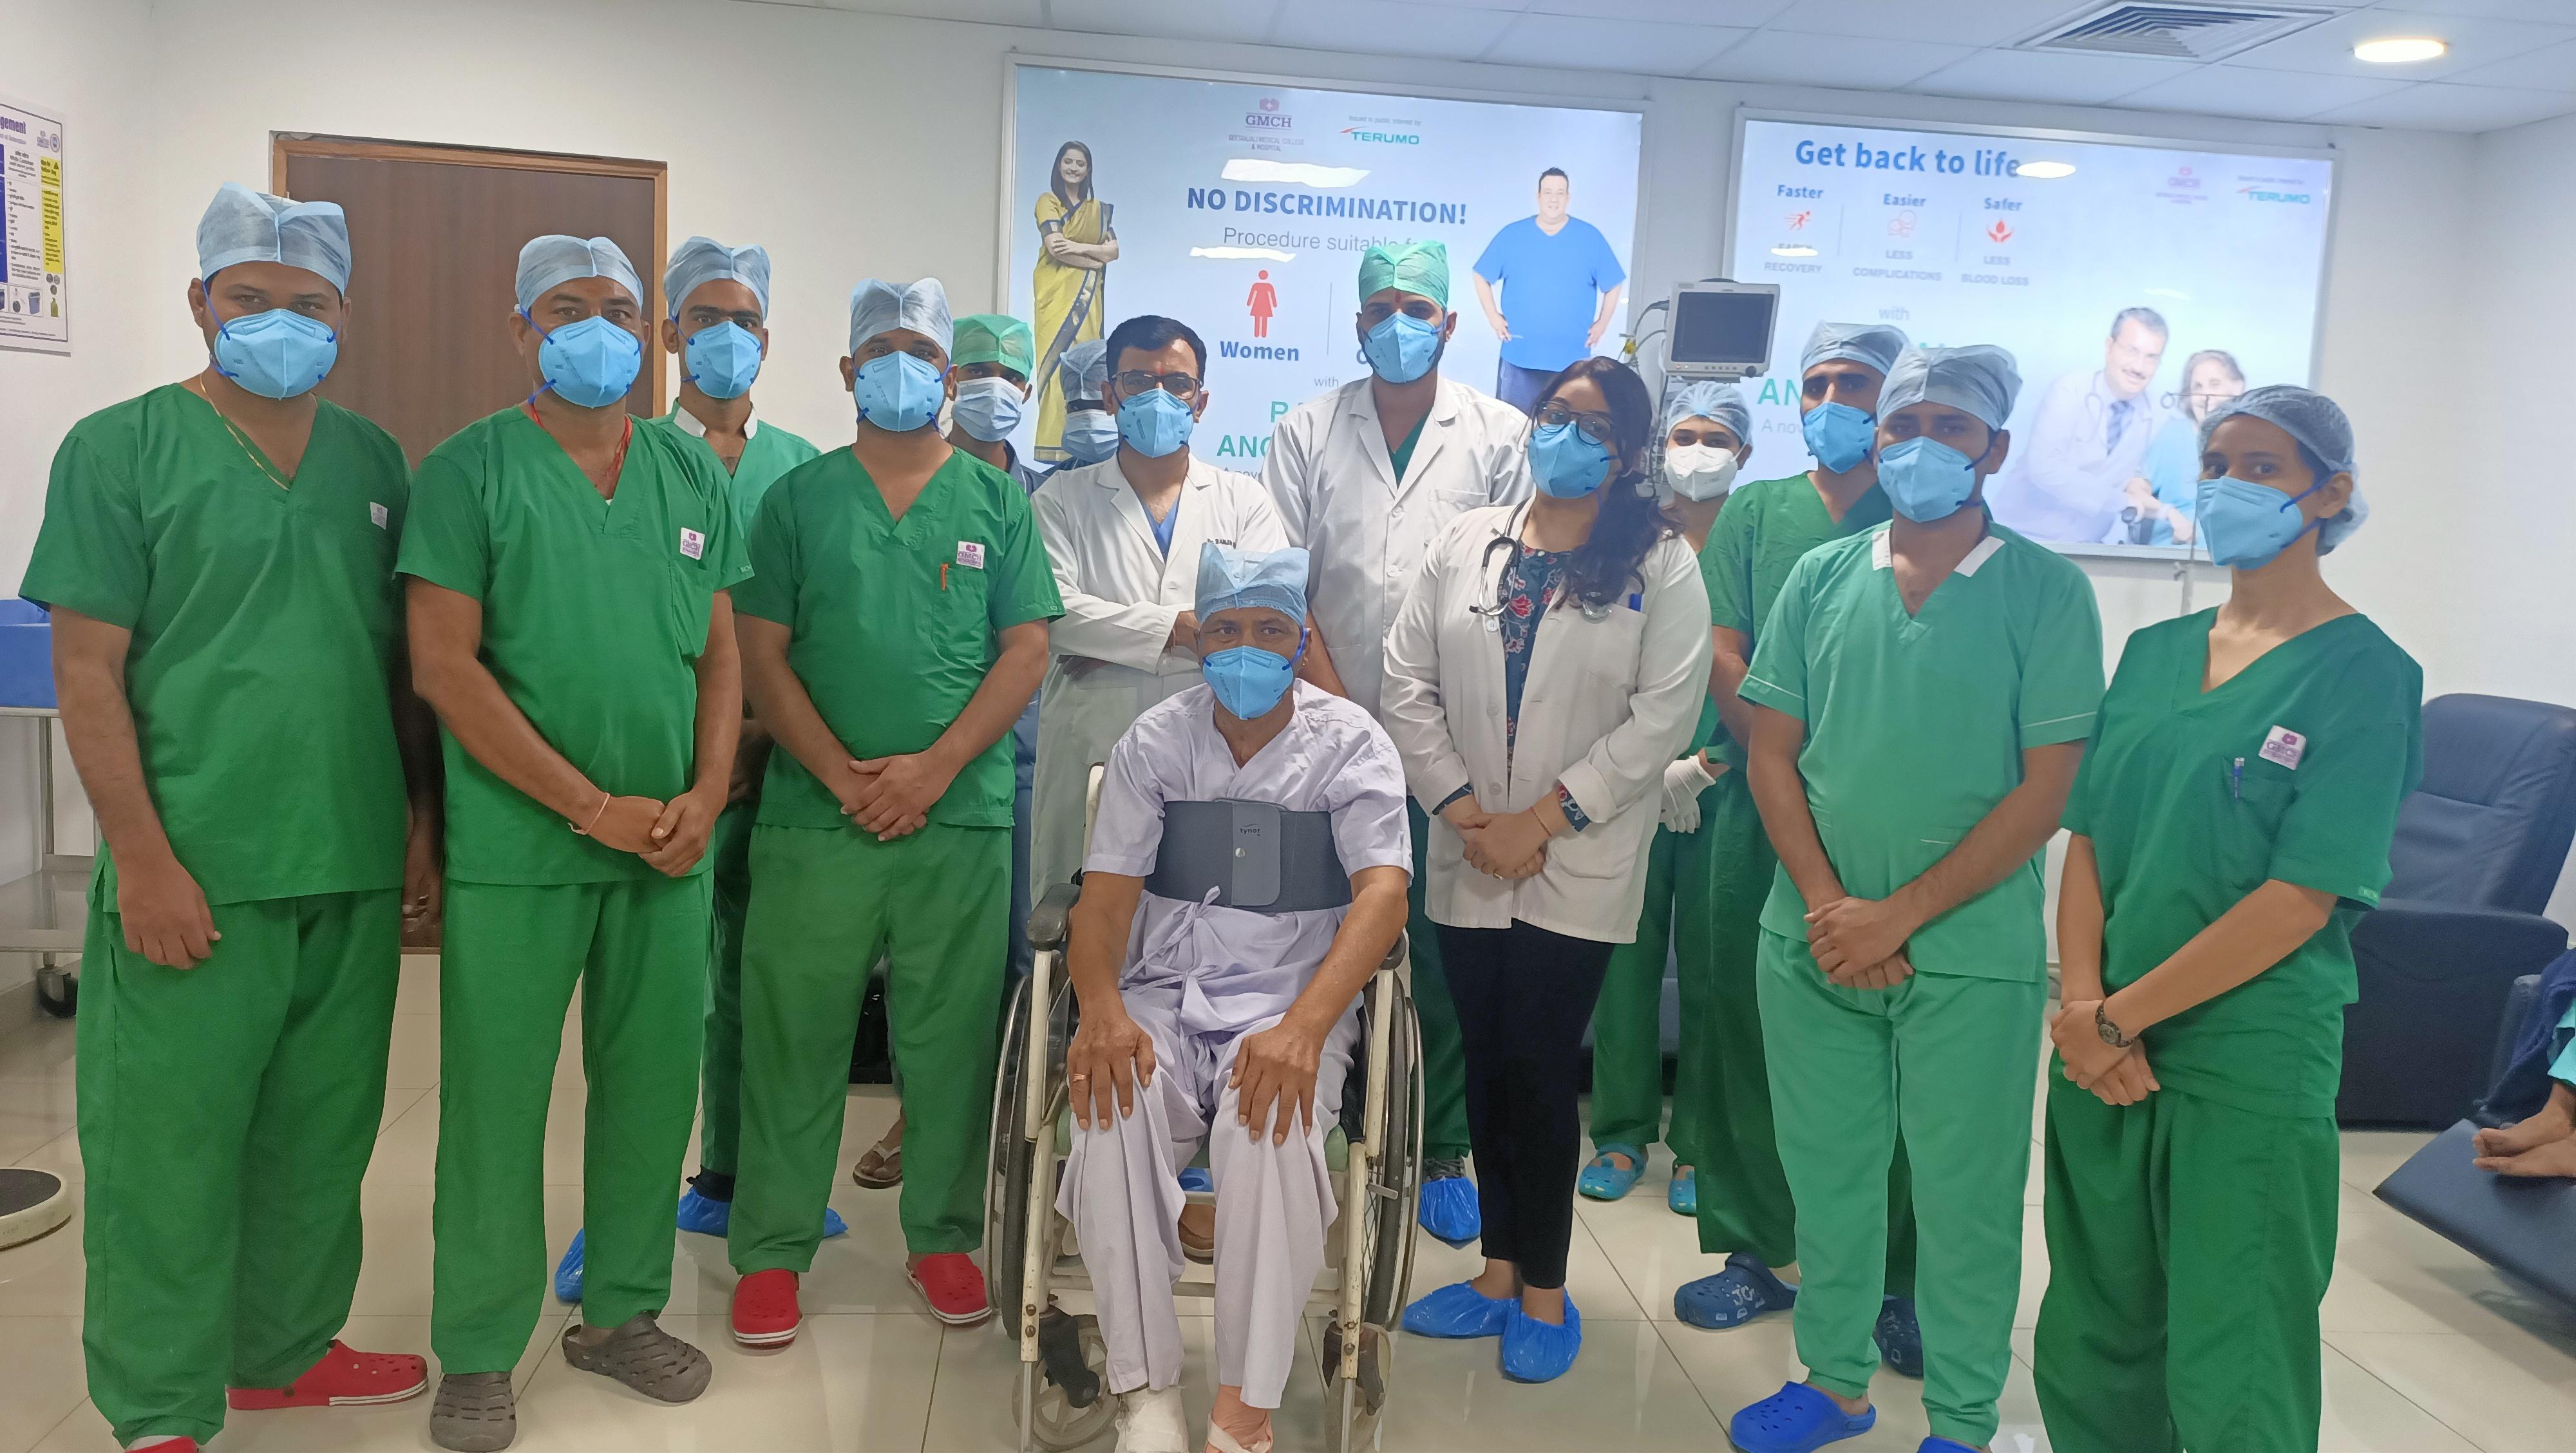 गीतांजली हॉस्पिटल ने बनाया कीर्तिमान